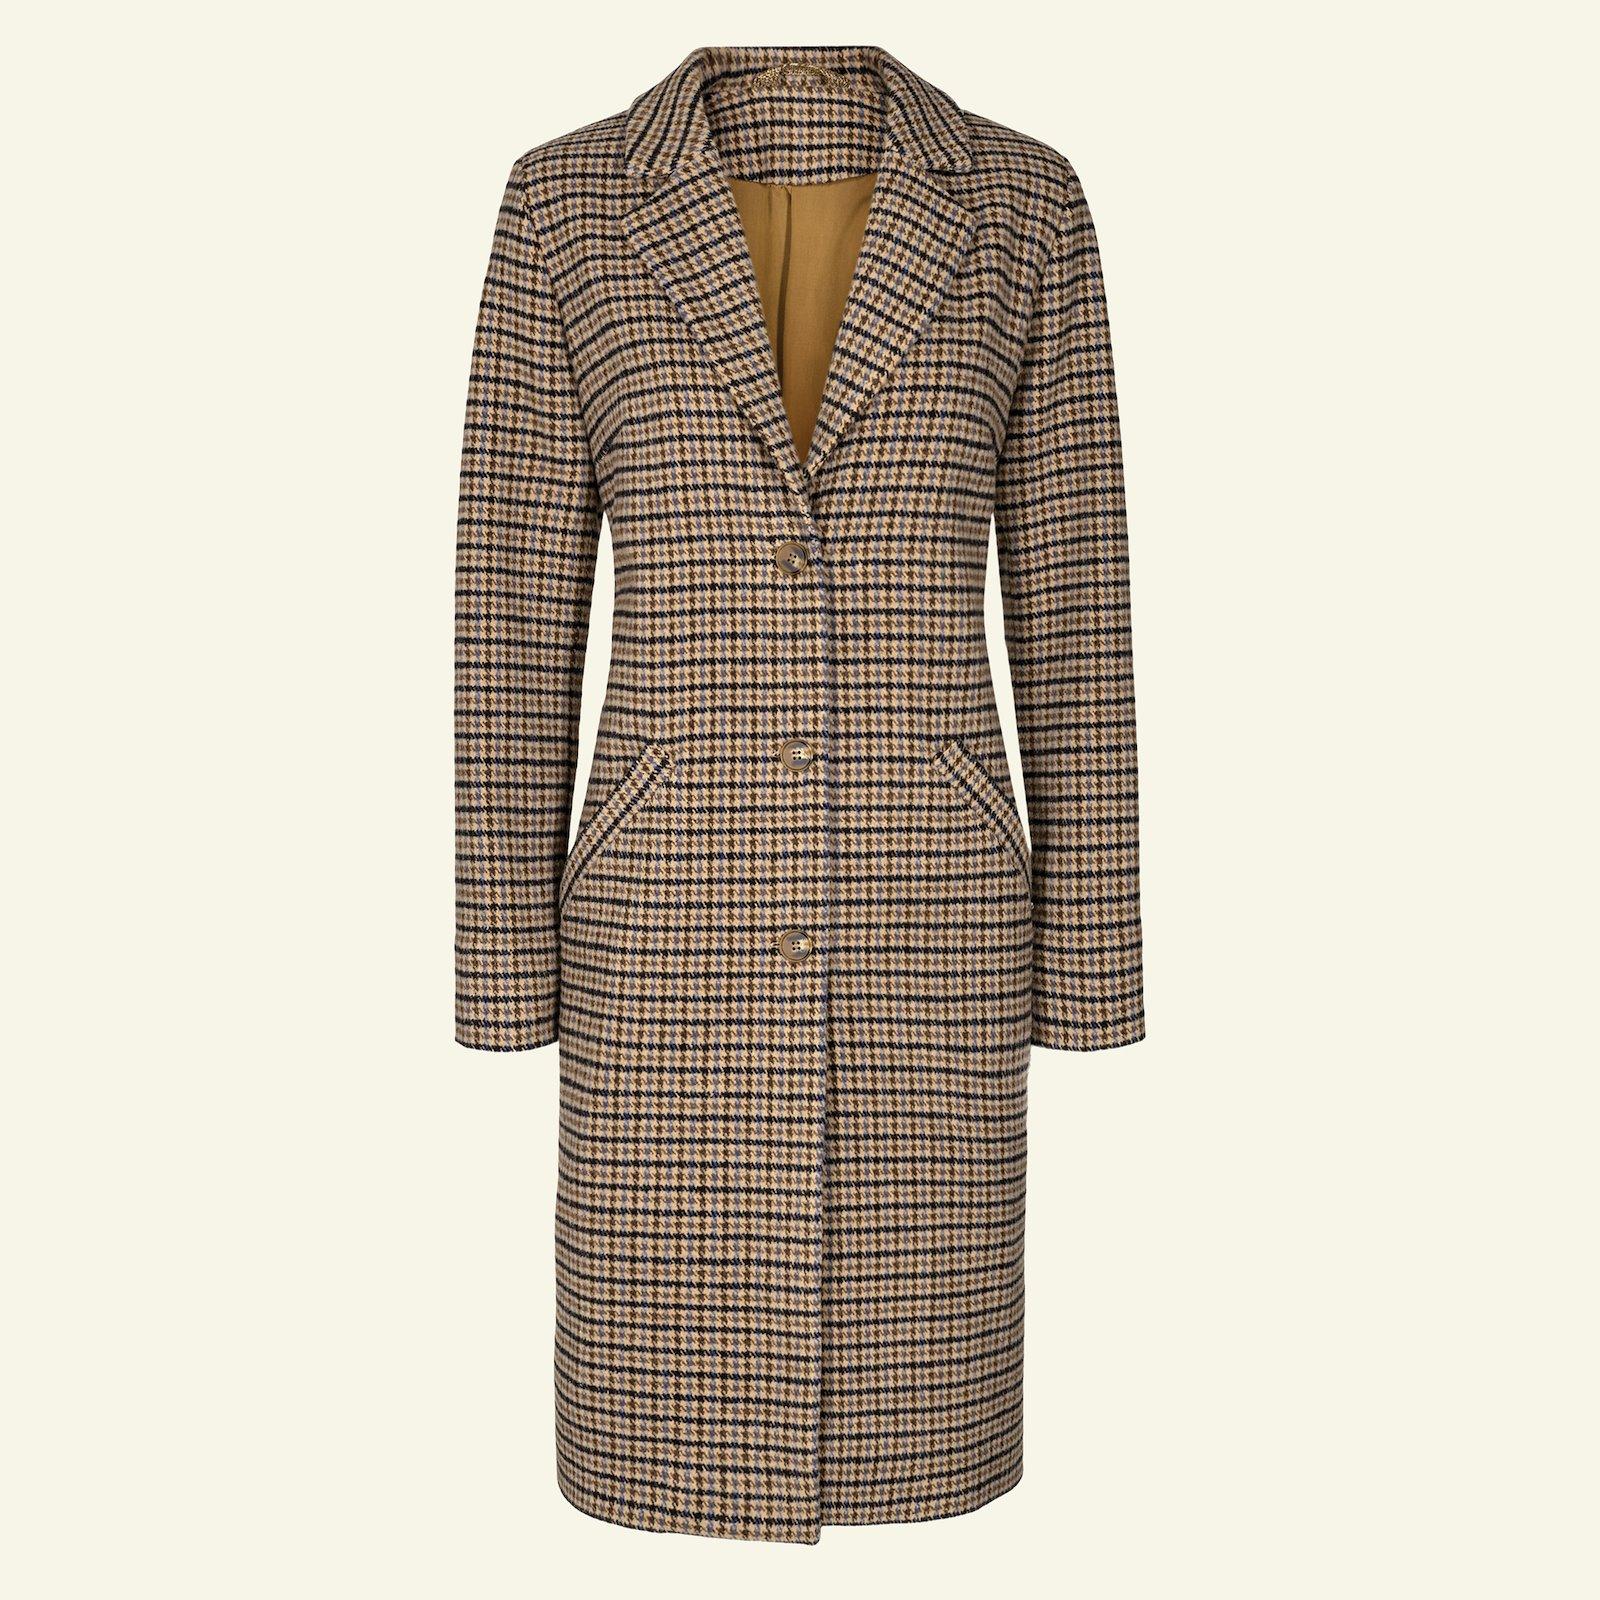 Long coat, 36/8 p24041_300212_5016_40239_21418_sskit